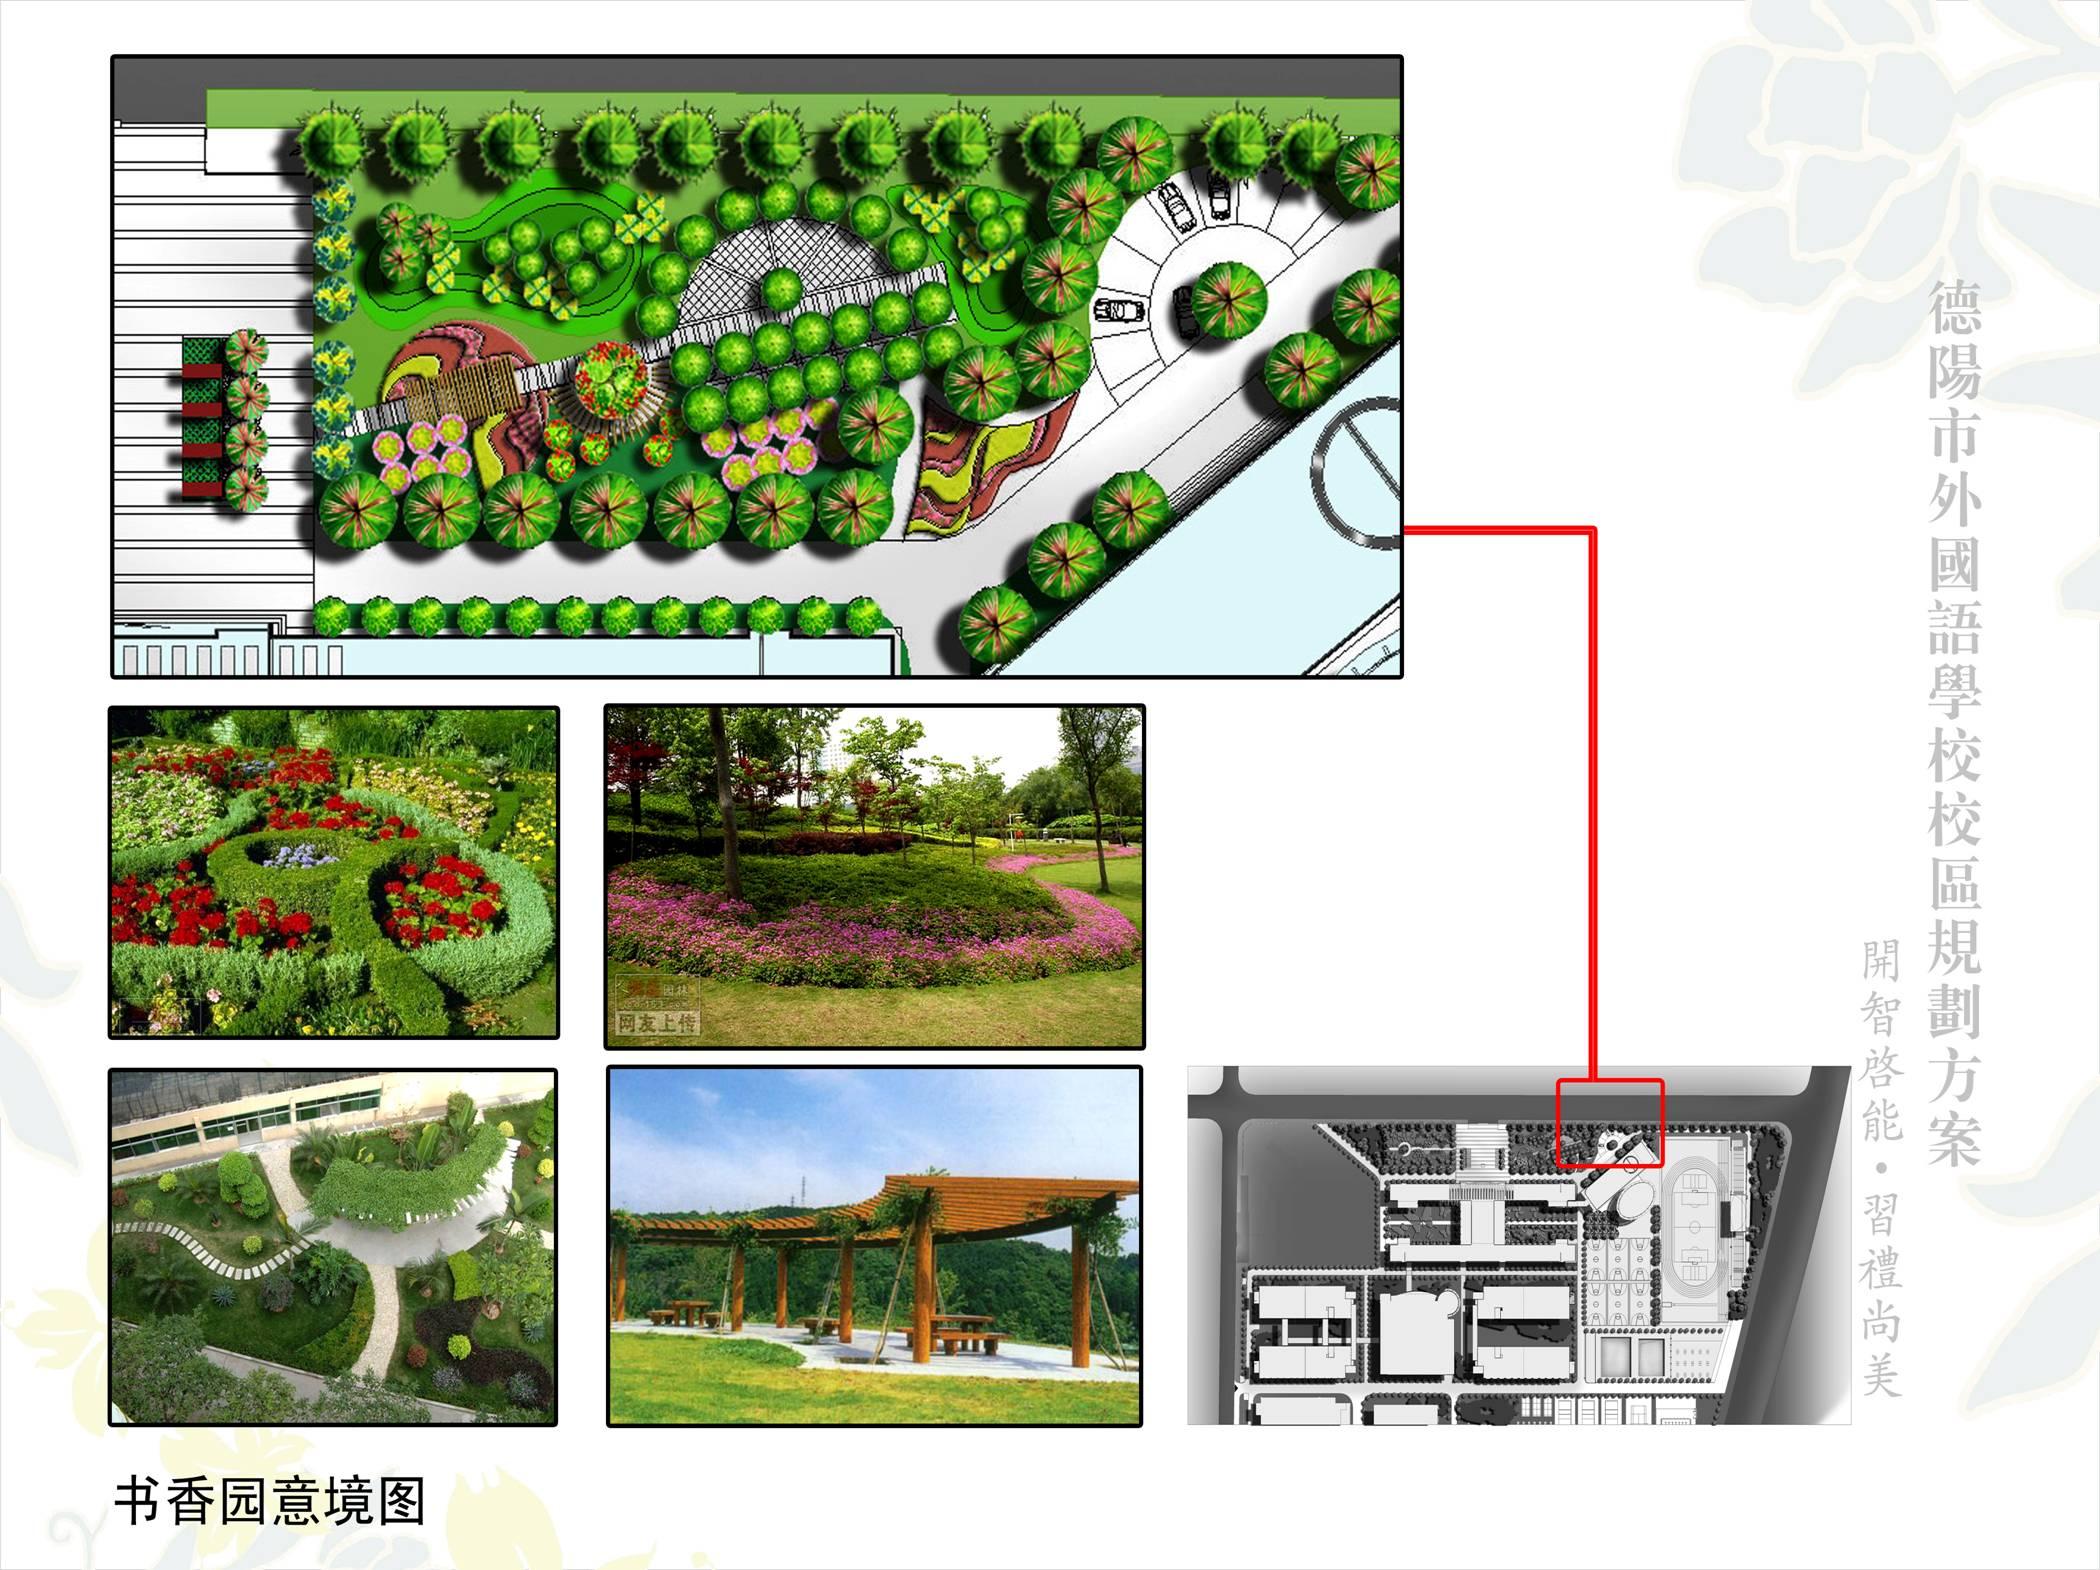 校园园林设计